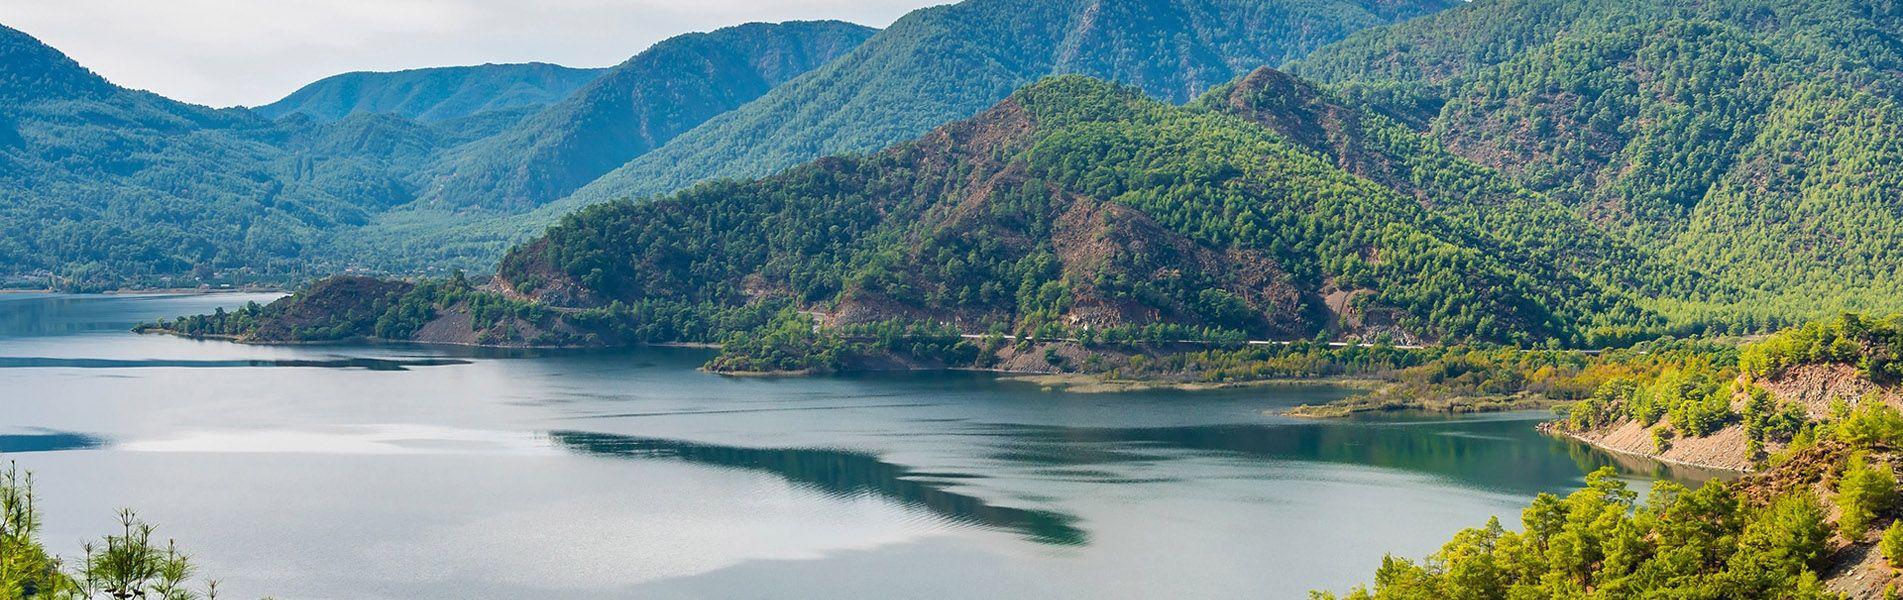 Lake Koycegiz, Turquía